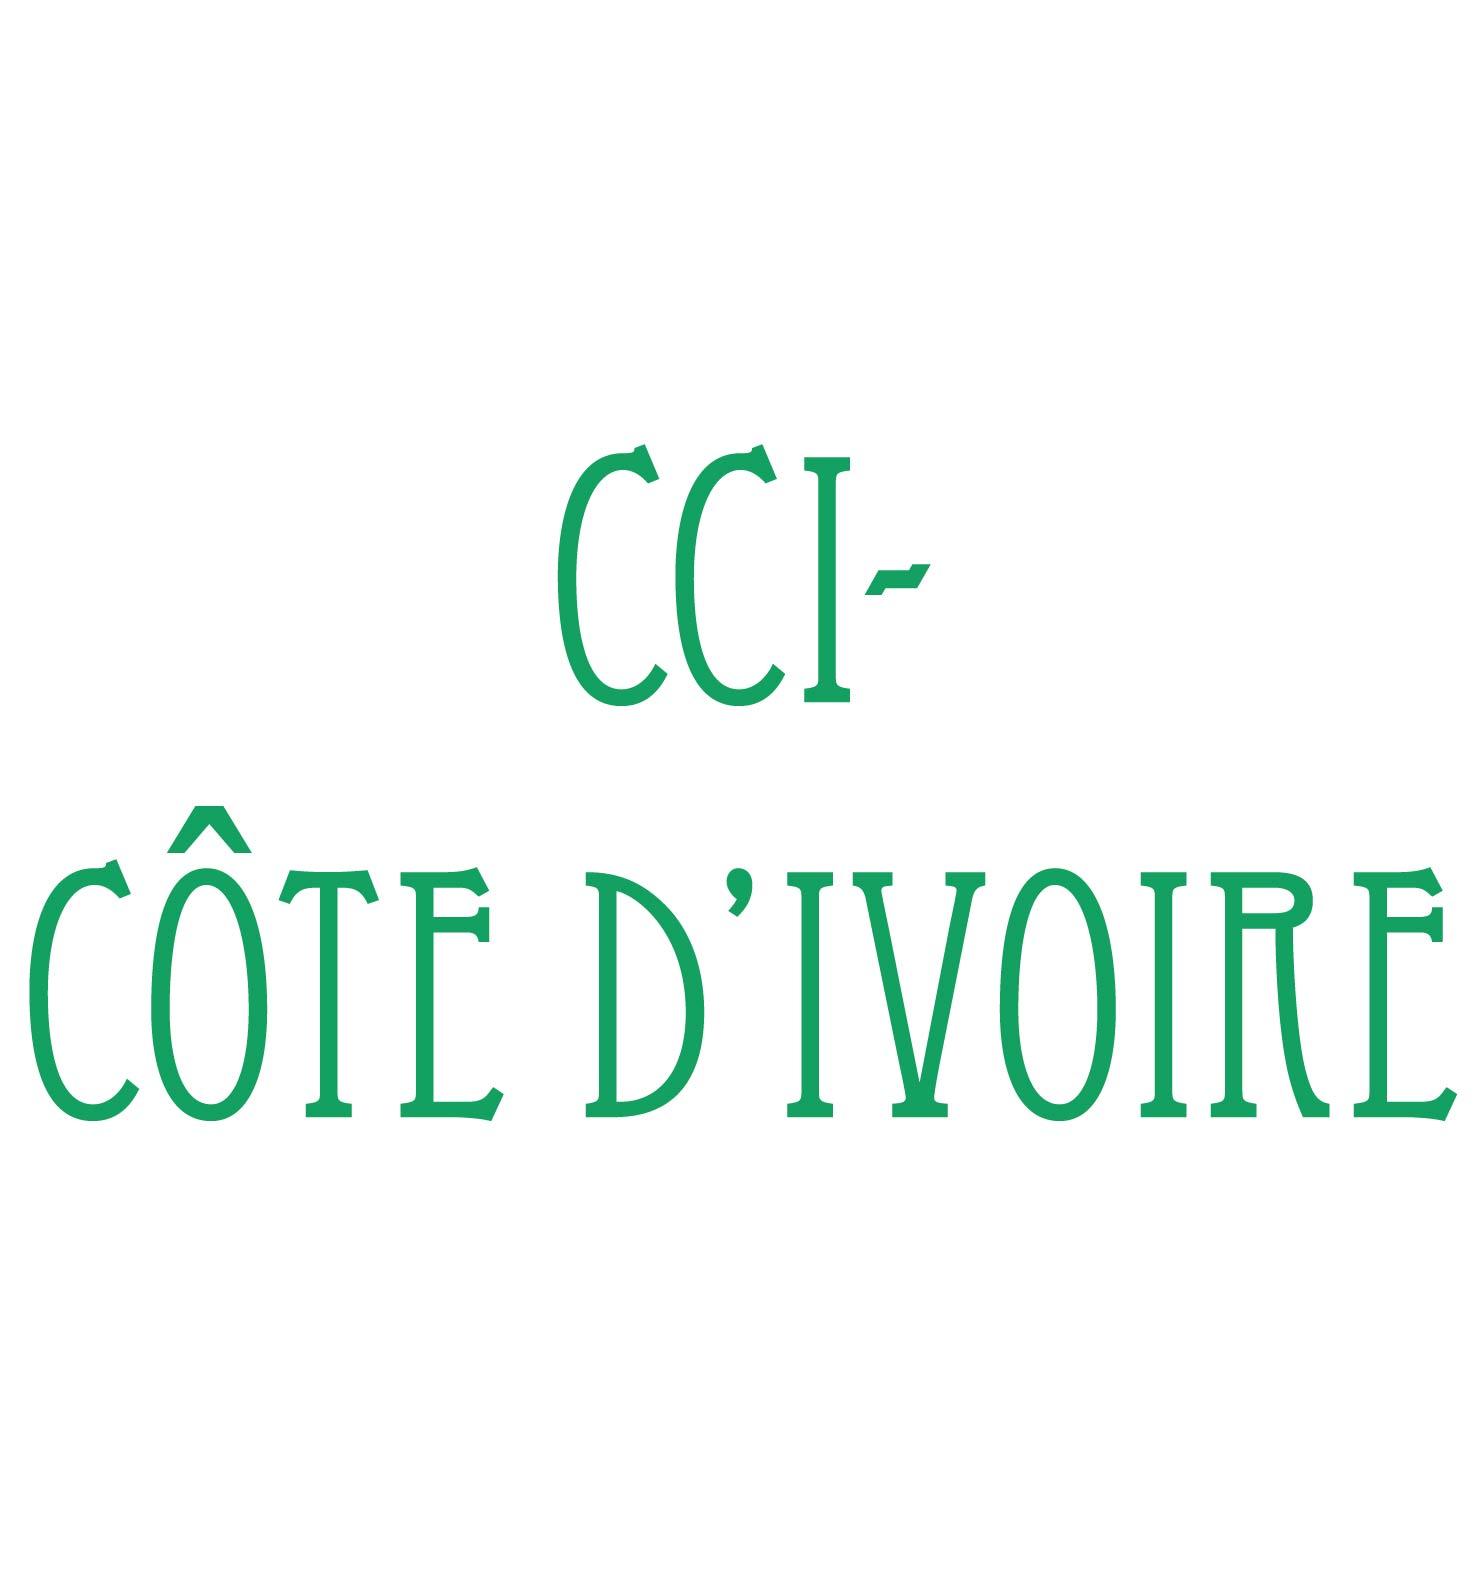 CCI-COTE D'IVOIRE.jpg